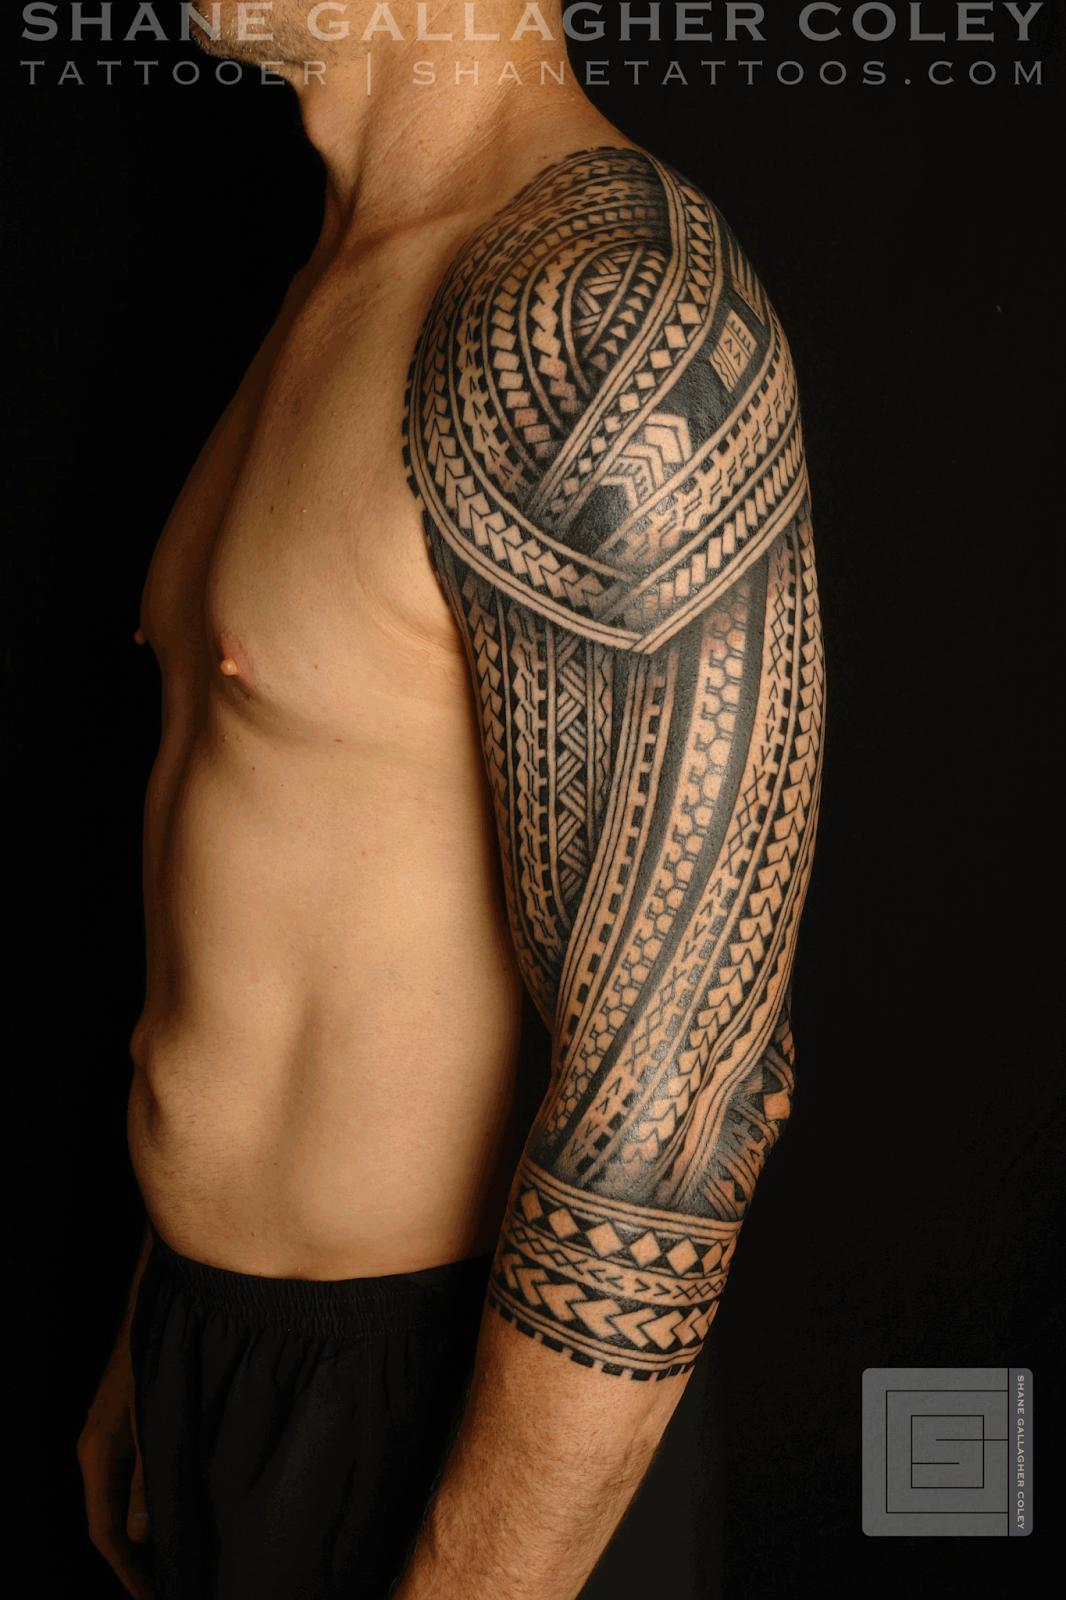 maori polynesian tattoo polynesian sleeve tattoo tatau tatuagem pinterest sleeve sleeve. Black Bedroom Furniture Sets. Home Design Ideas